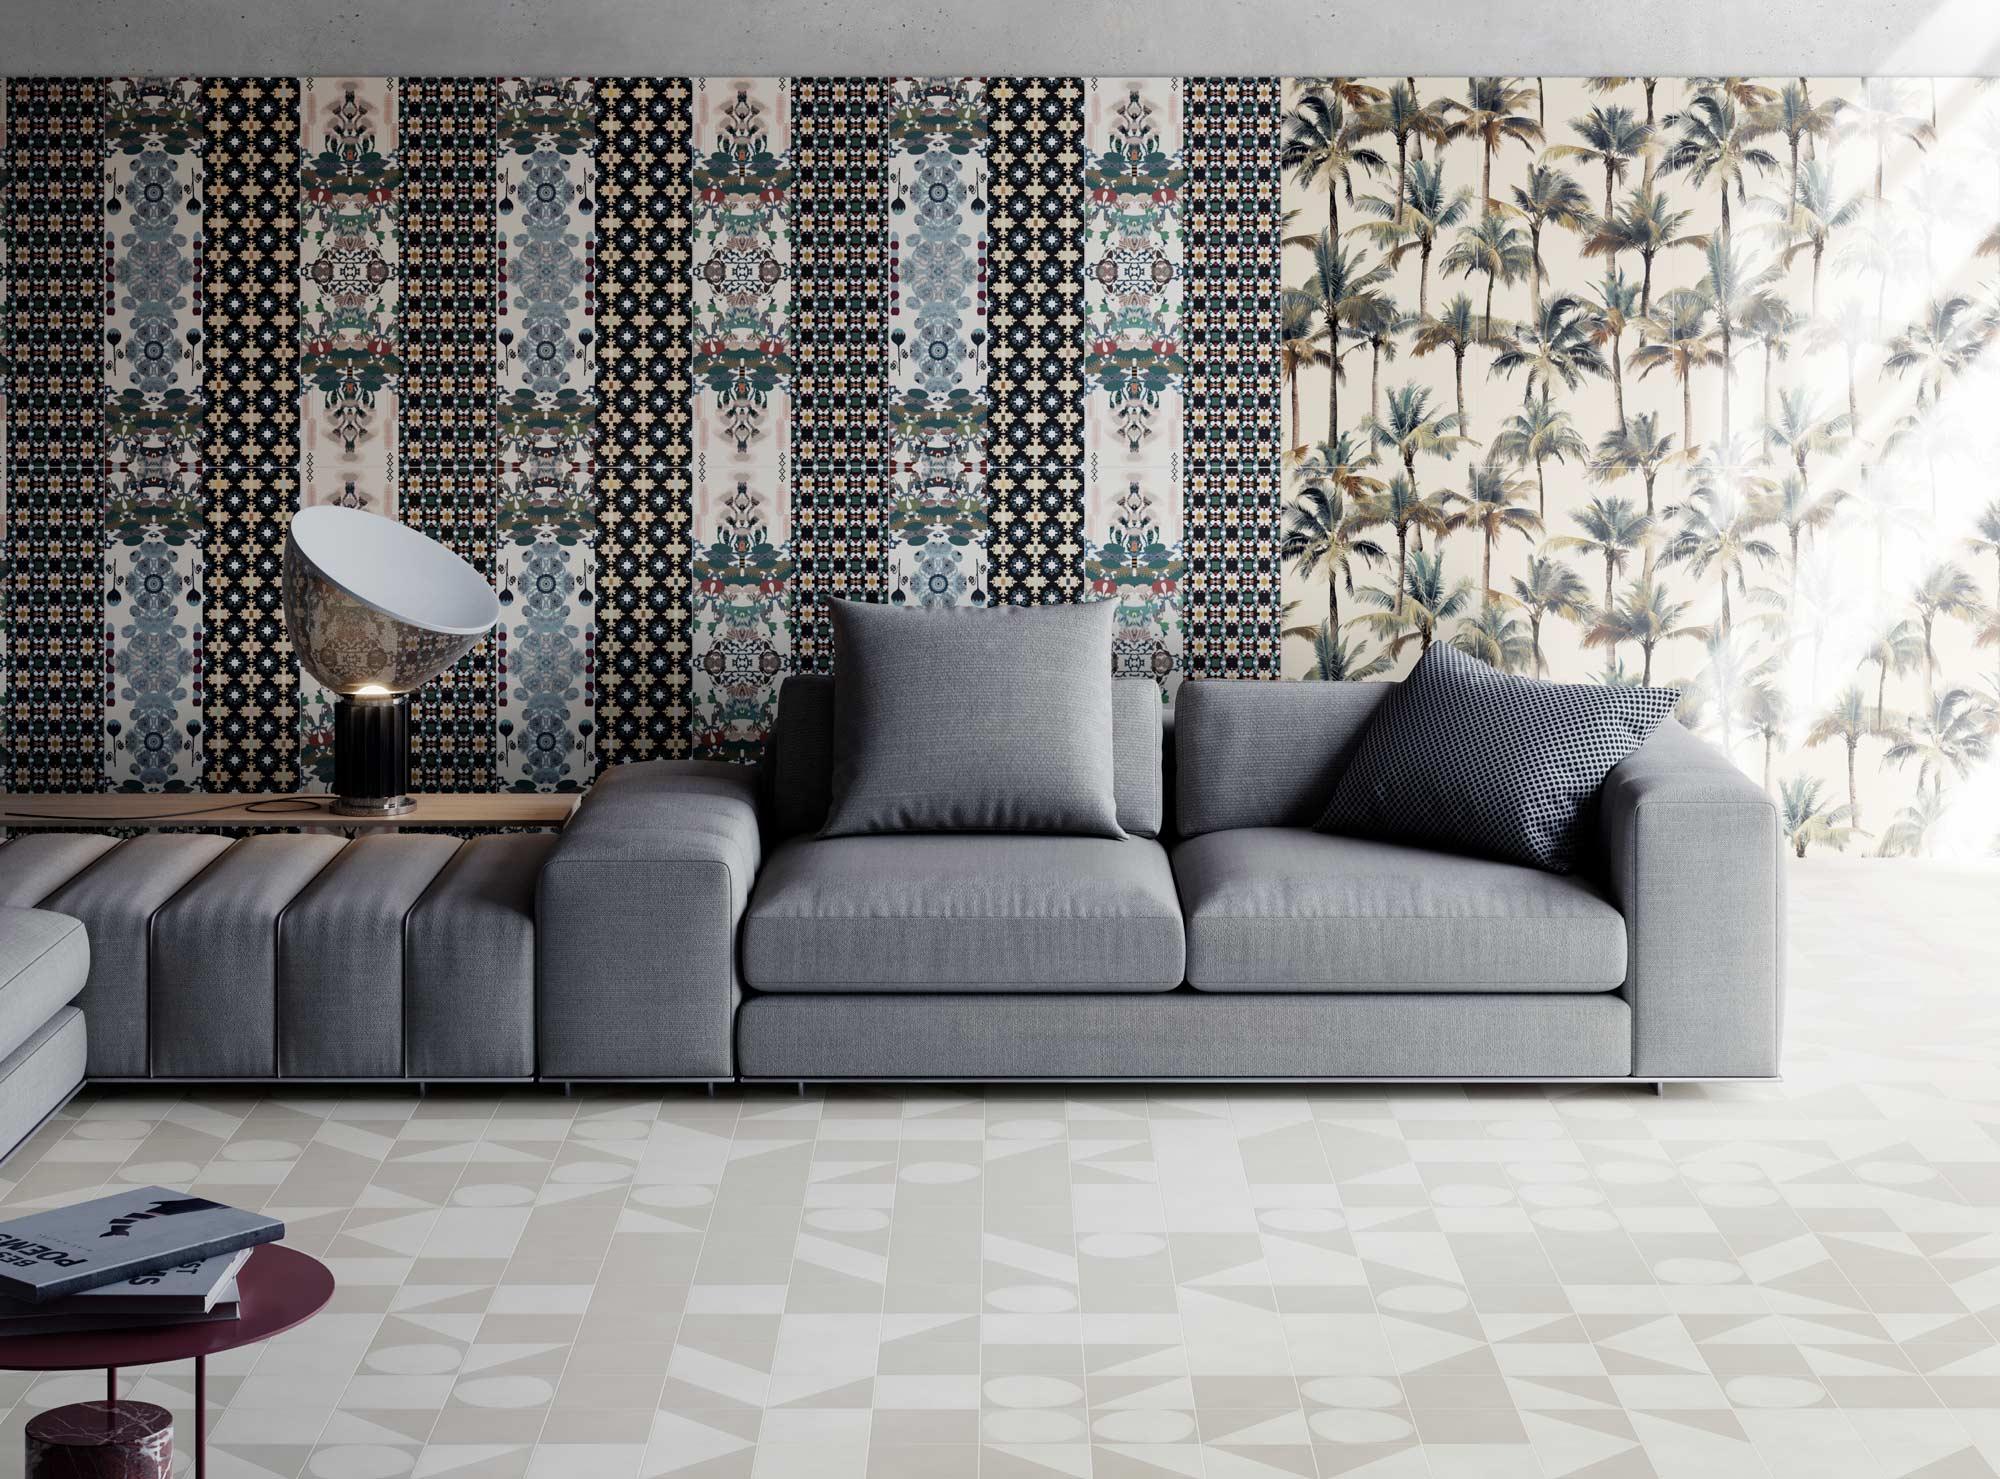 """Wall Paper41 Pro Paz + Luz 50x100 20""""x40"""" - Floor Futura White + Grey + Half White + Drop White 15x15 6""""x6"""""""